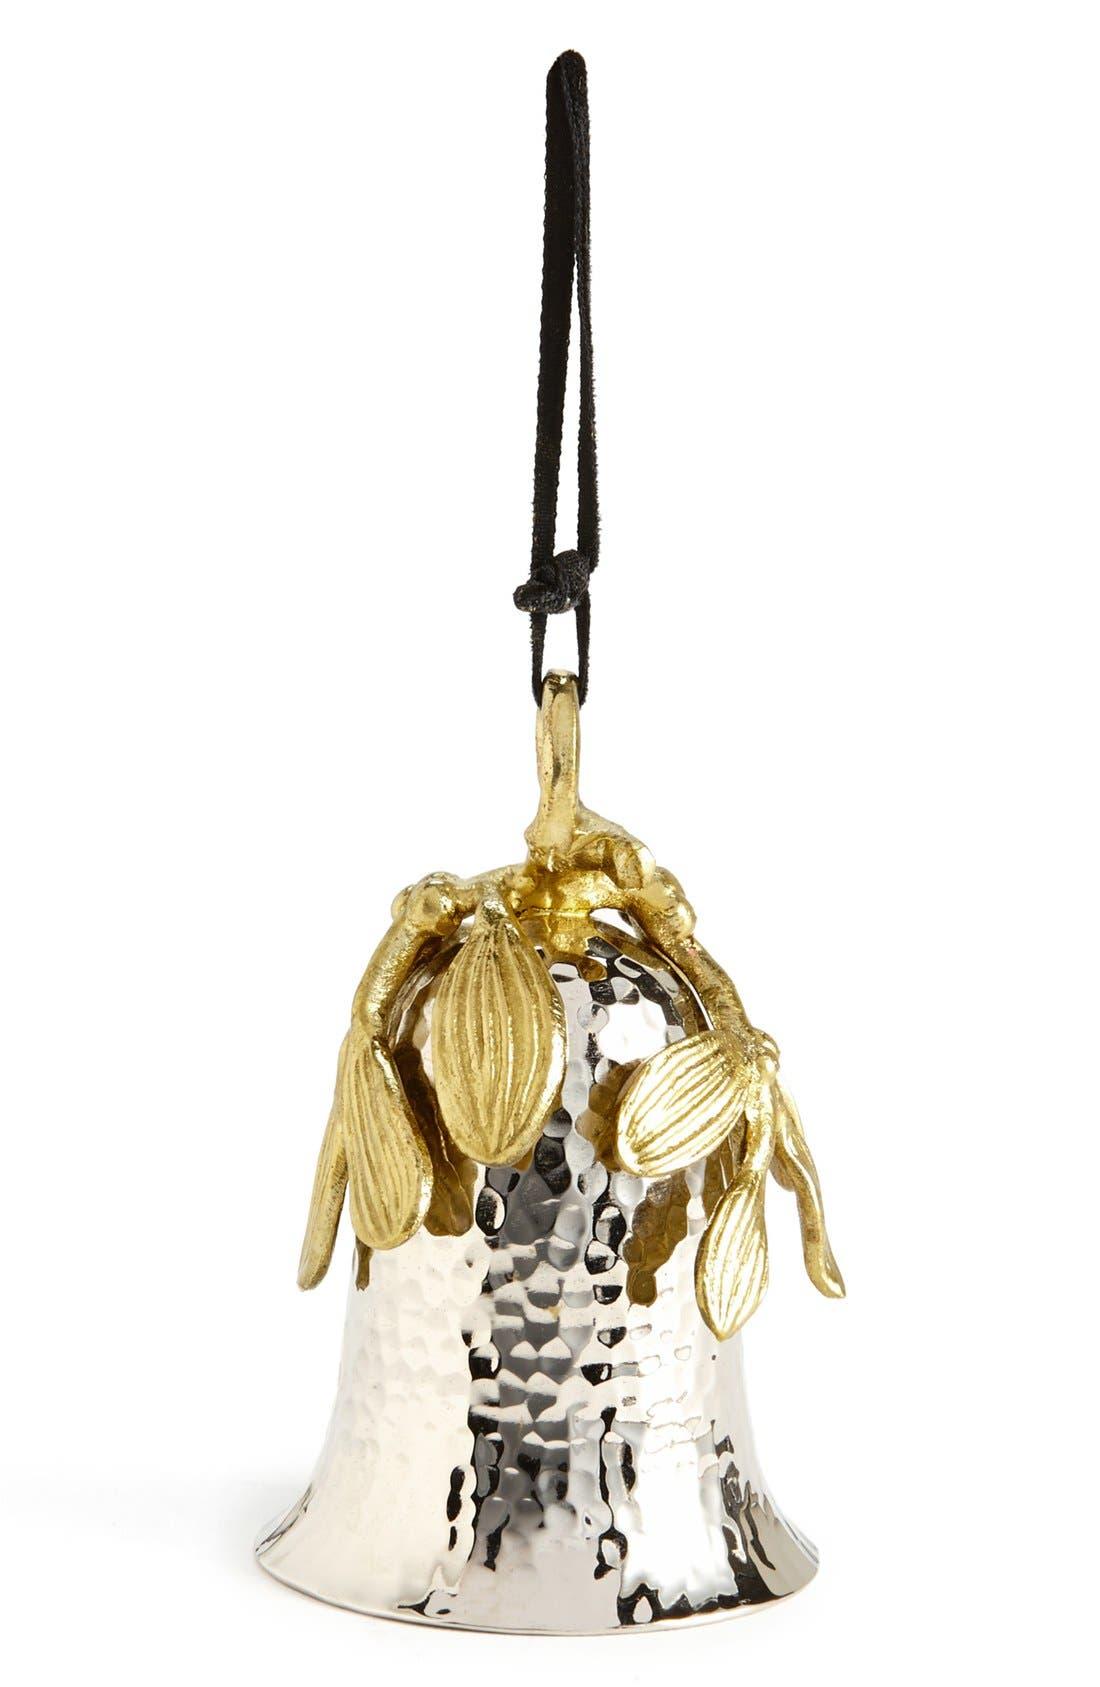 Alternate Image 1 Selected - Michael Aram 'Mistletoe Bell' Ornament